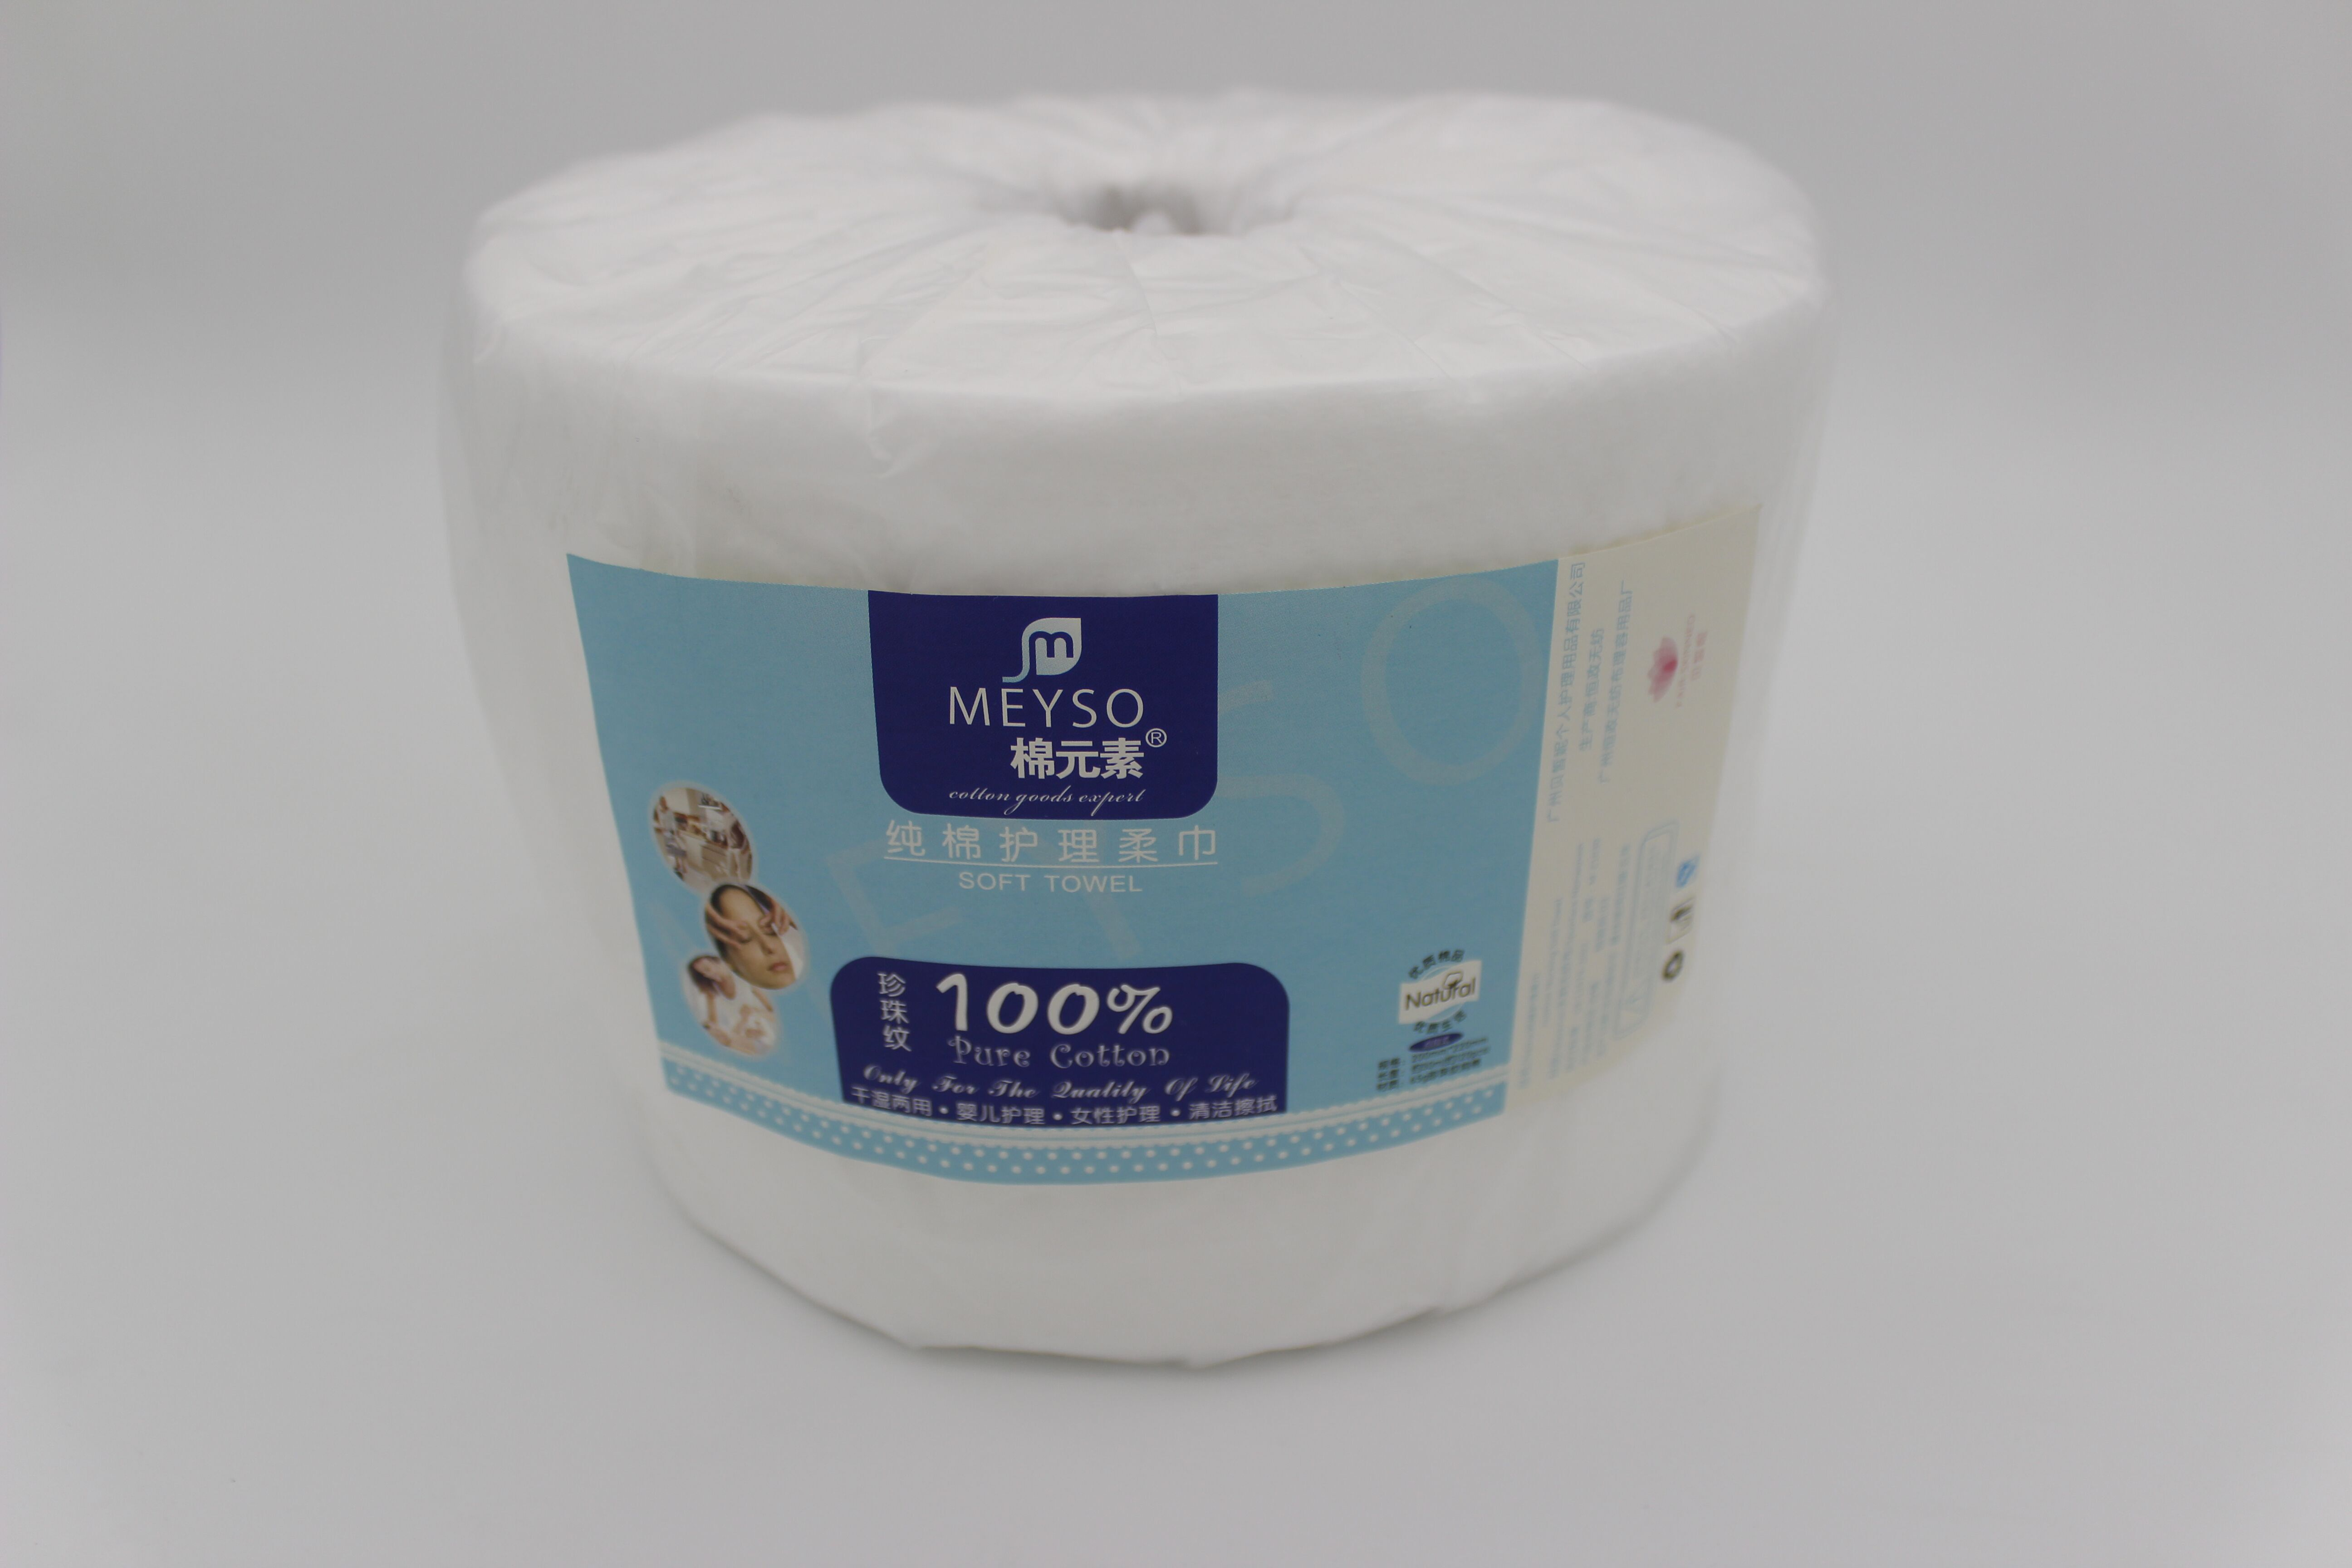 贝皙妮珍珠棉卷巾100%纯棉洁面巾美容院洗脸巾卸妆清洁